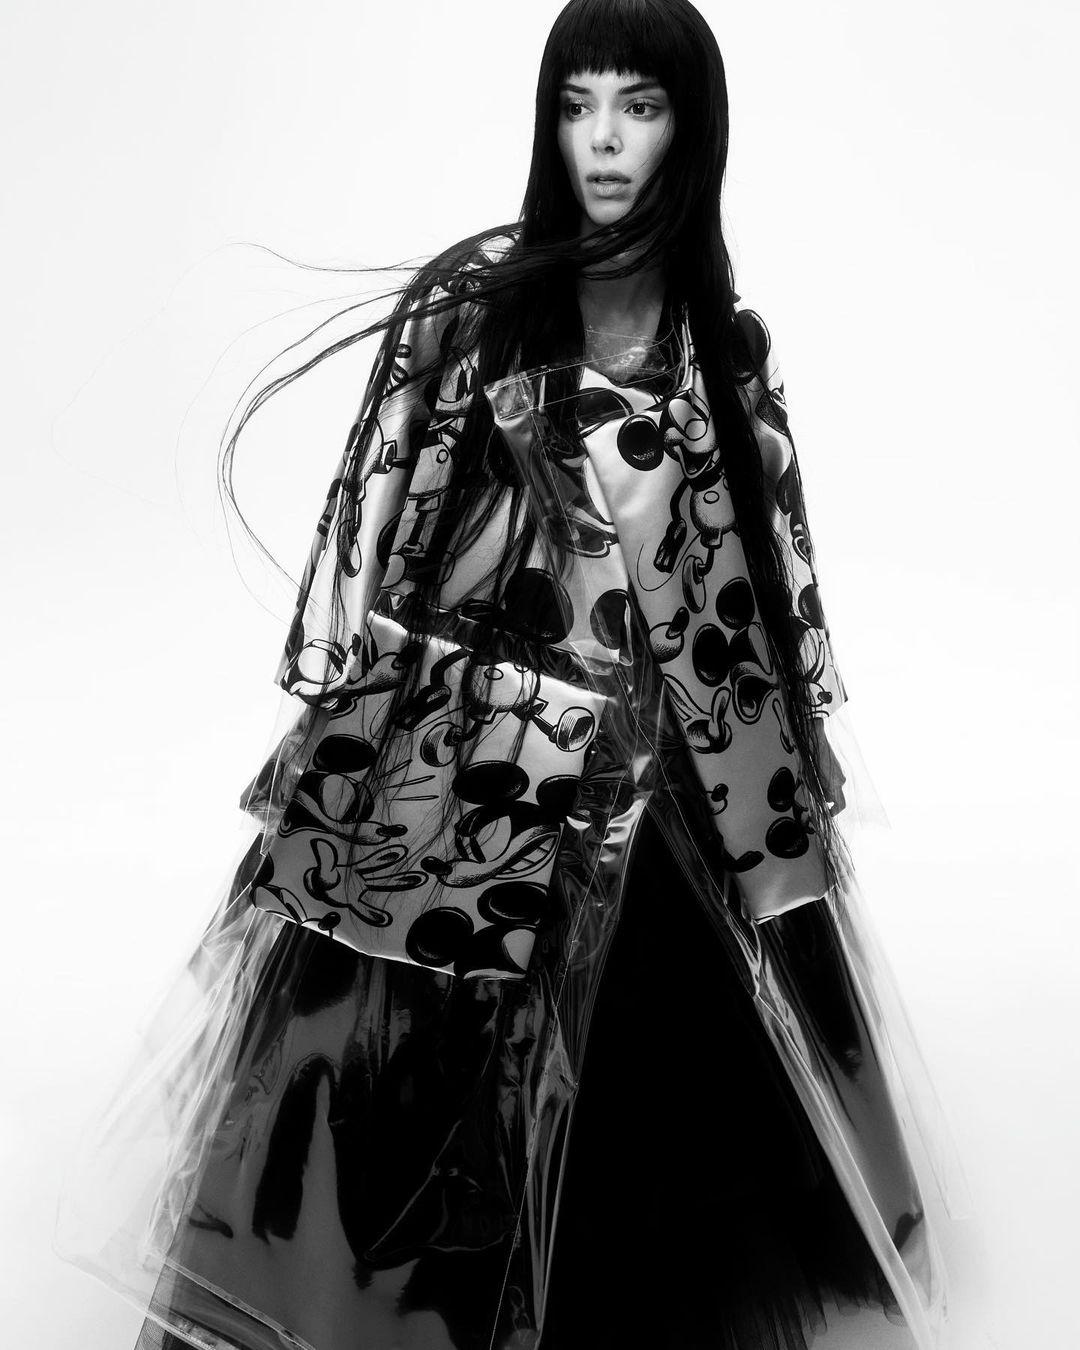 Кендалл Дженнер украсила обложку Vogue и рассказала о панических атаках (ФОТО) - фото №3